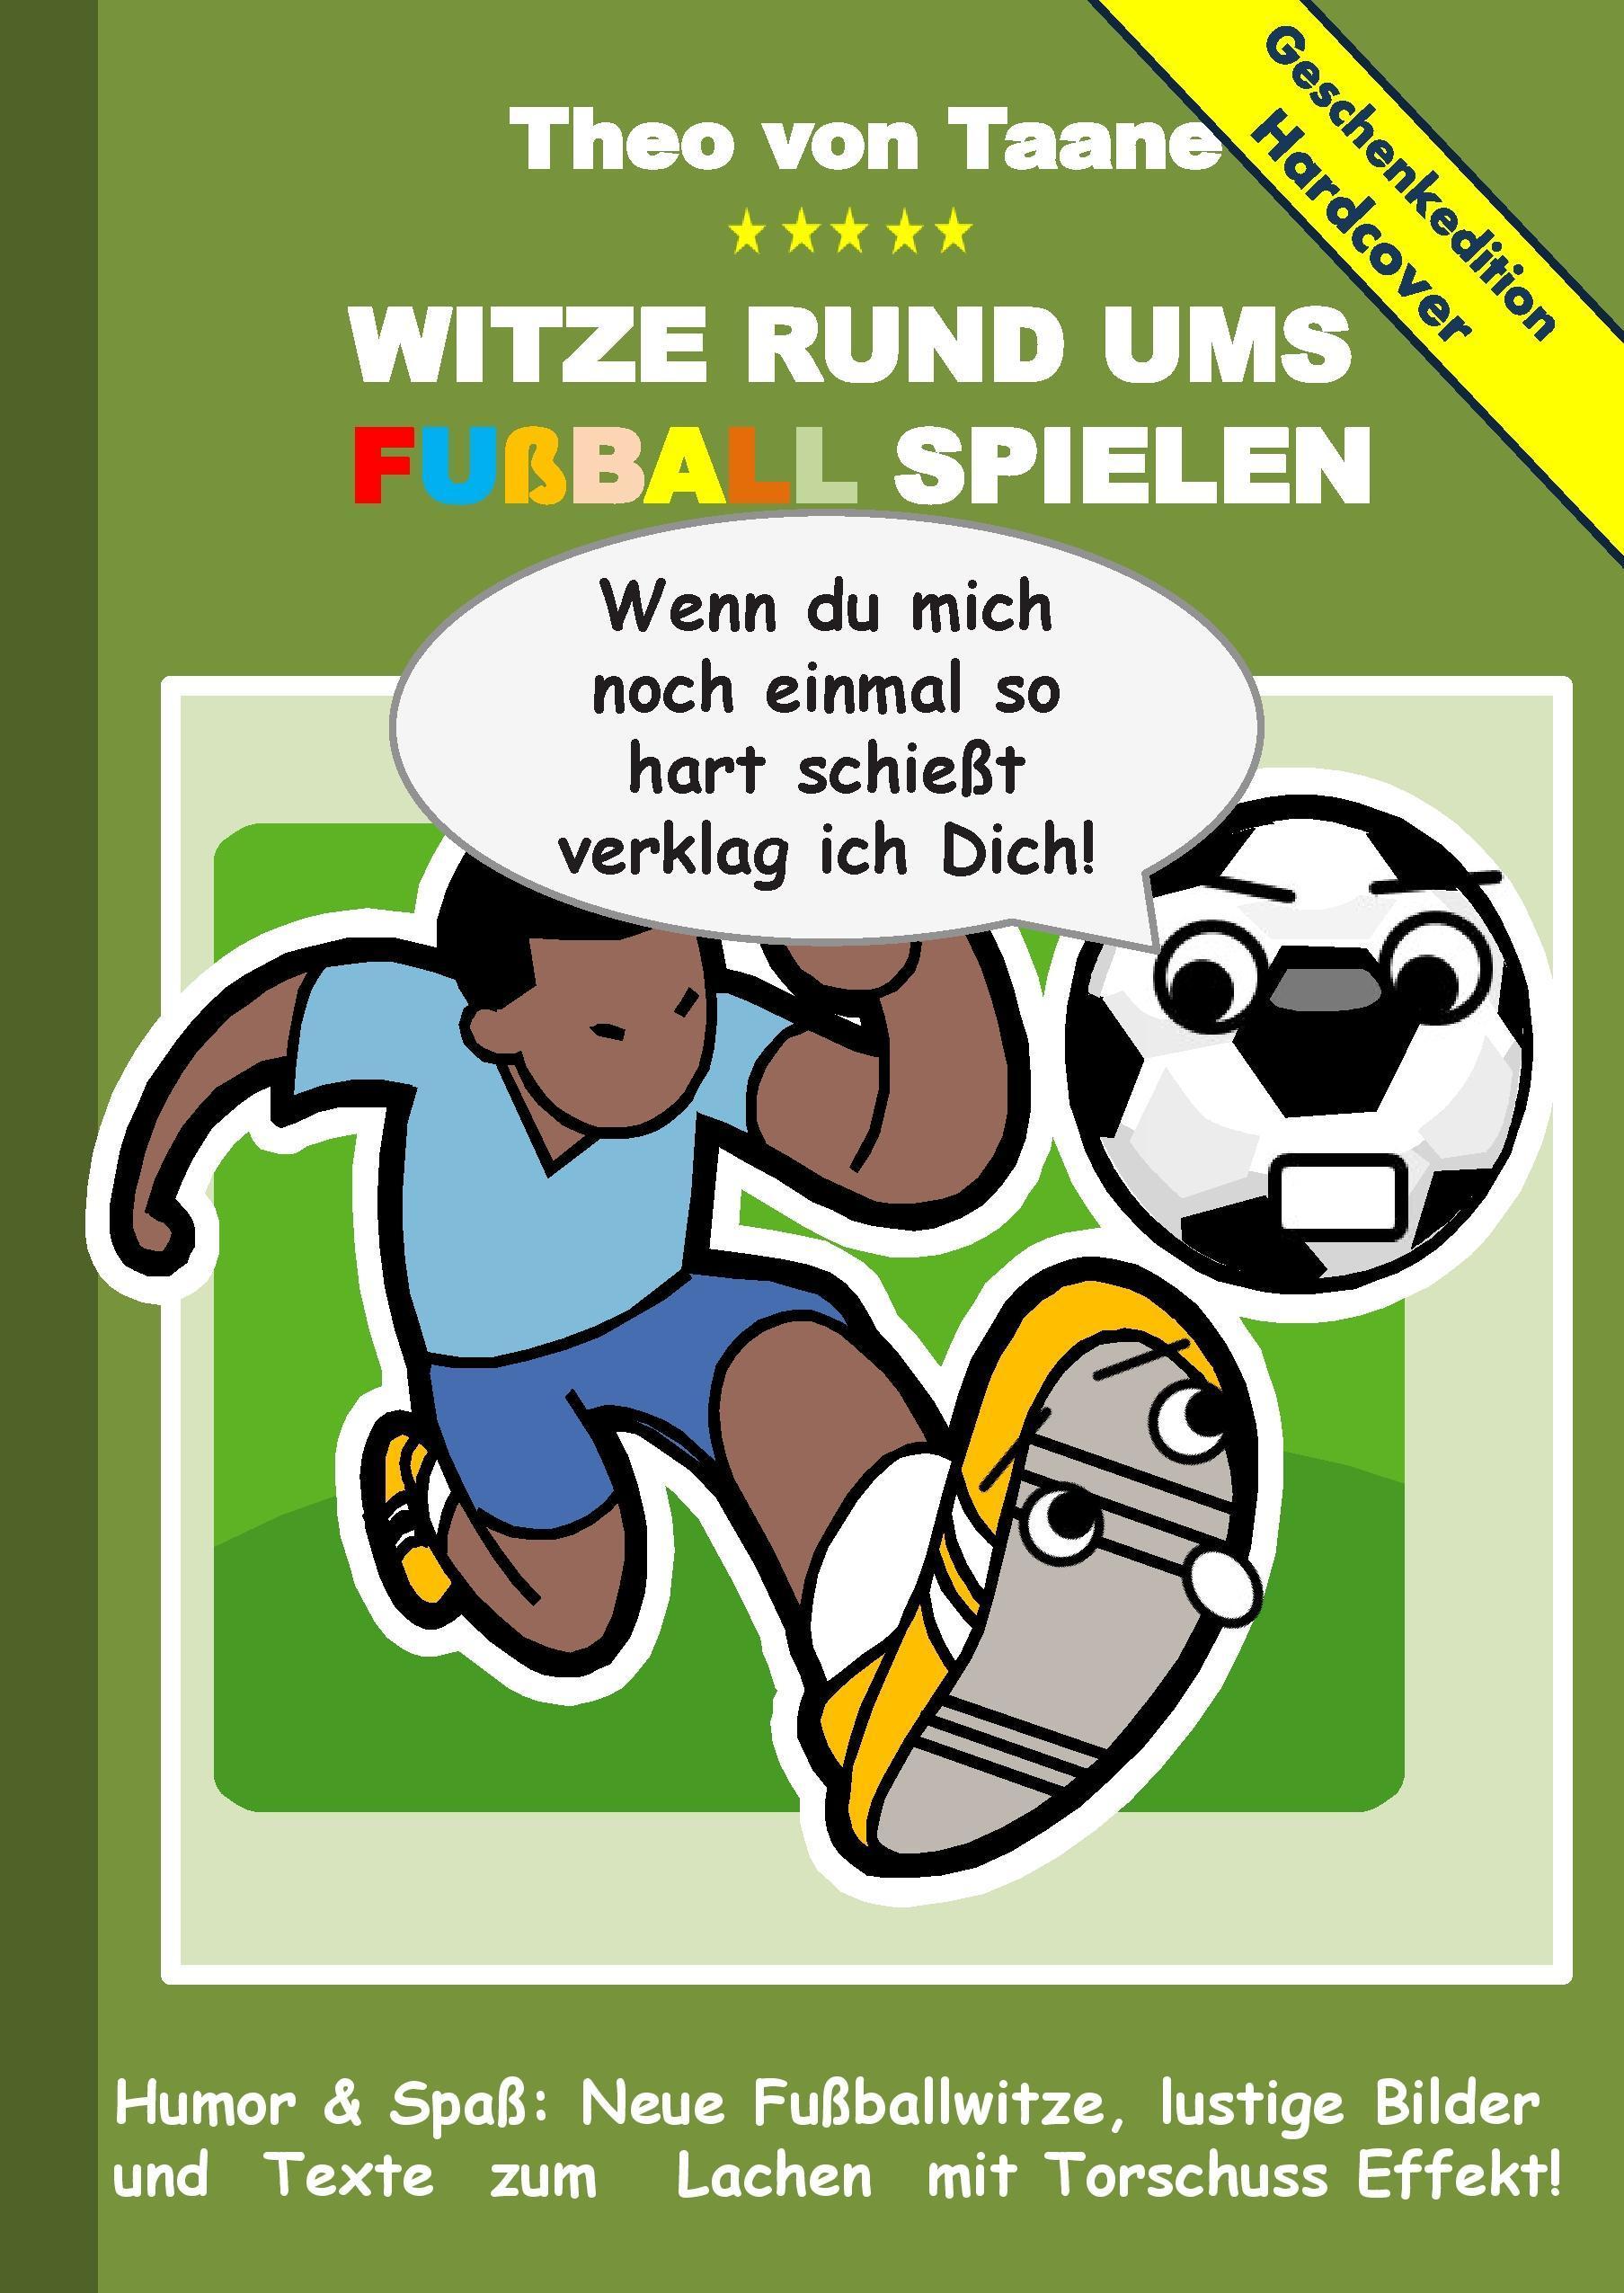 Geschenkausgabe Hardcover: Humor & Spaß - Witze rund um Fußball,